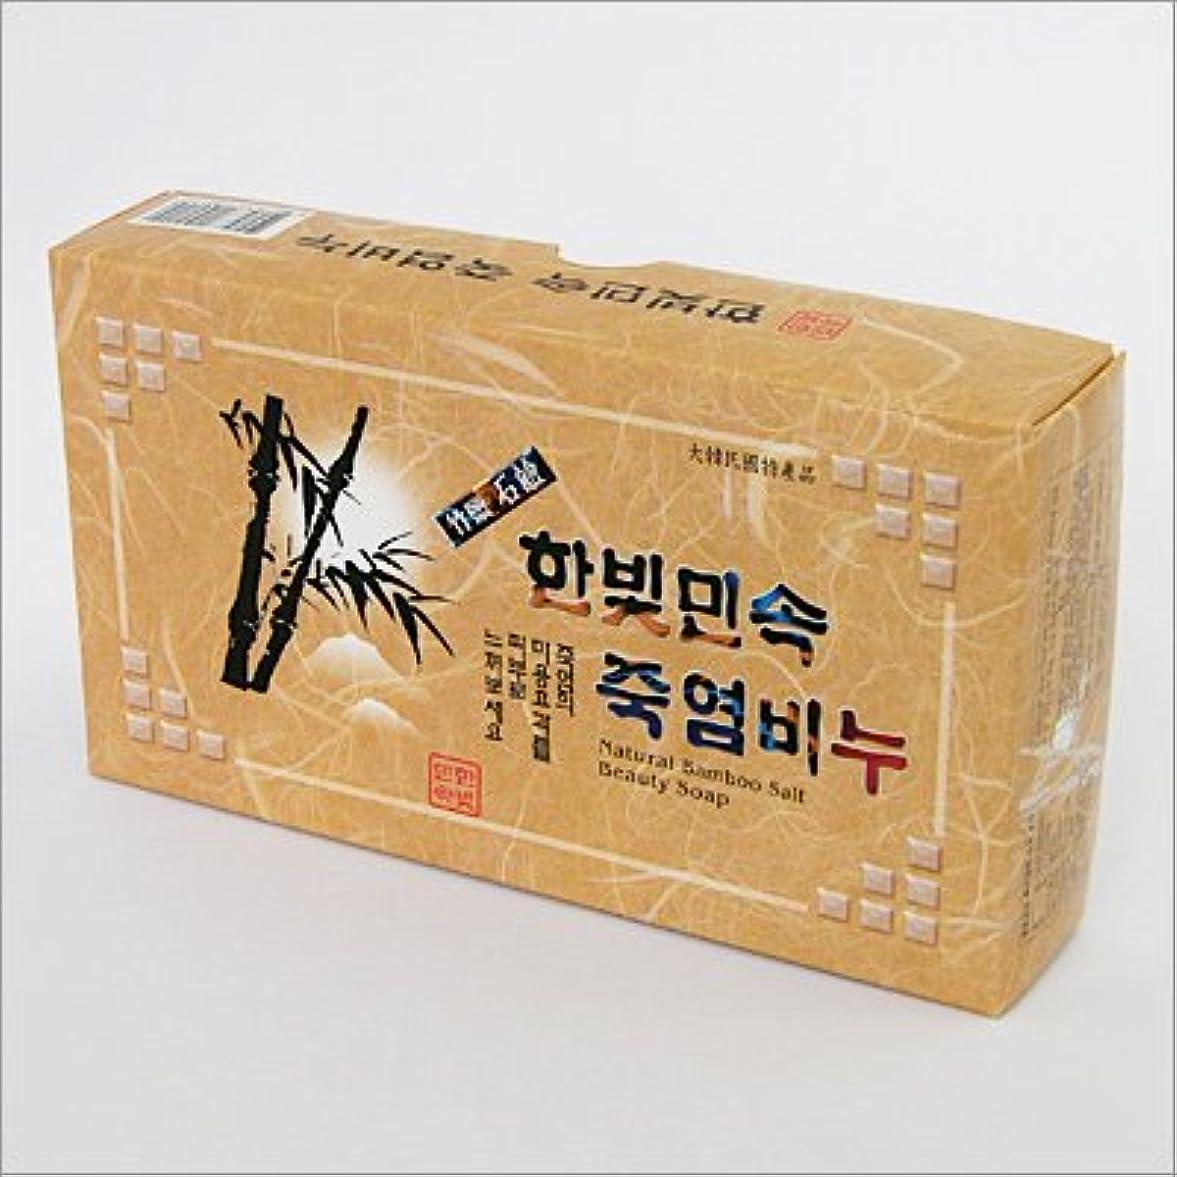 称賛寄生虫サーキットに行く(韓国ブランド) 韓国 竹塩石鹸(3個セット)